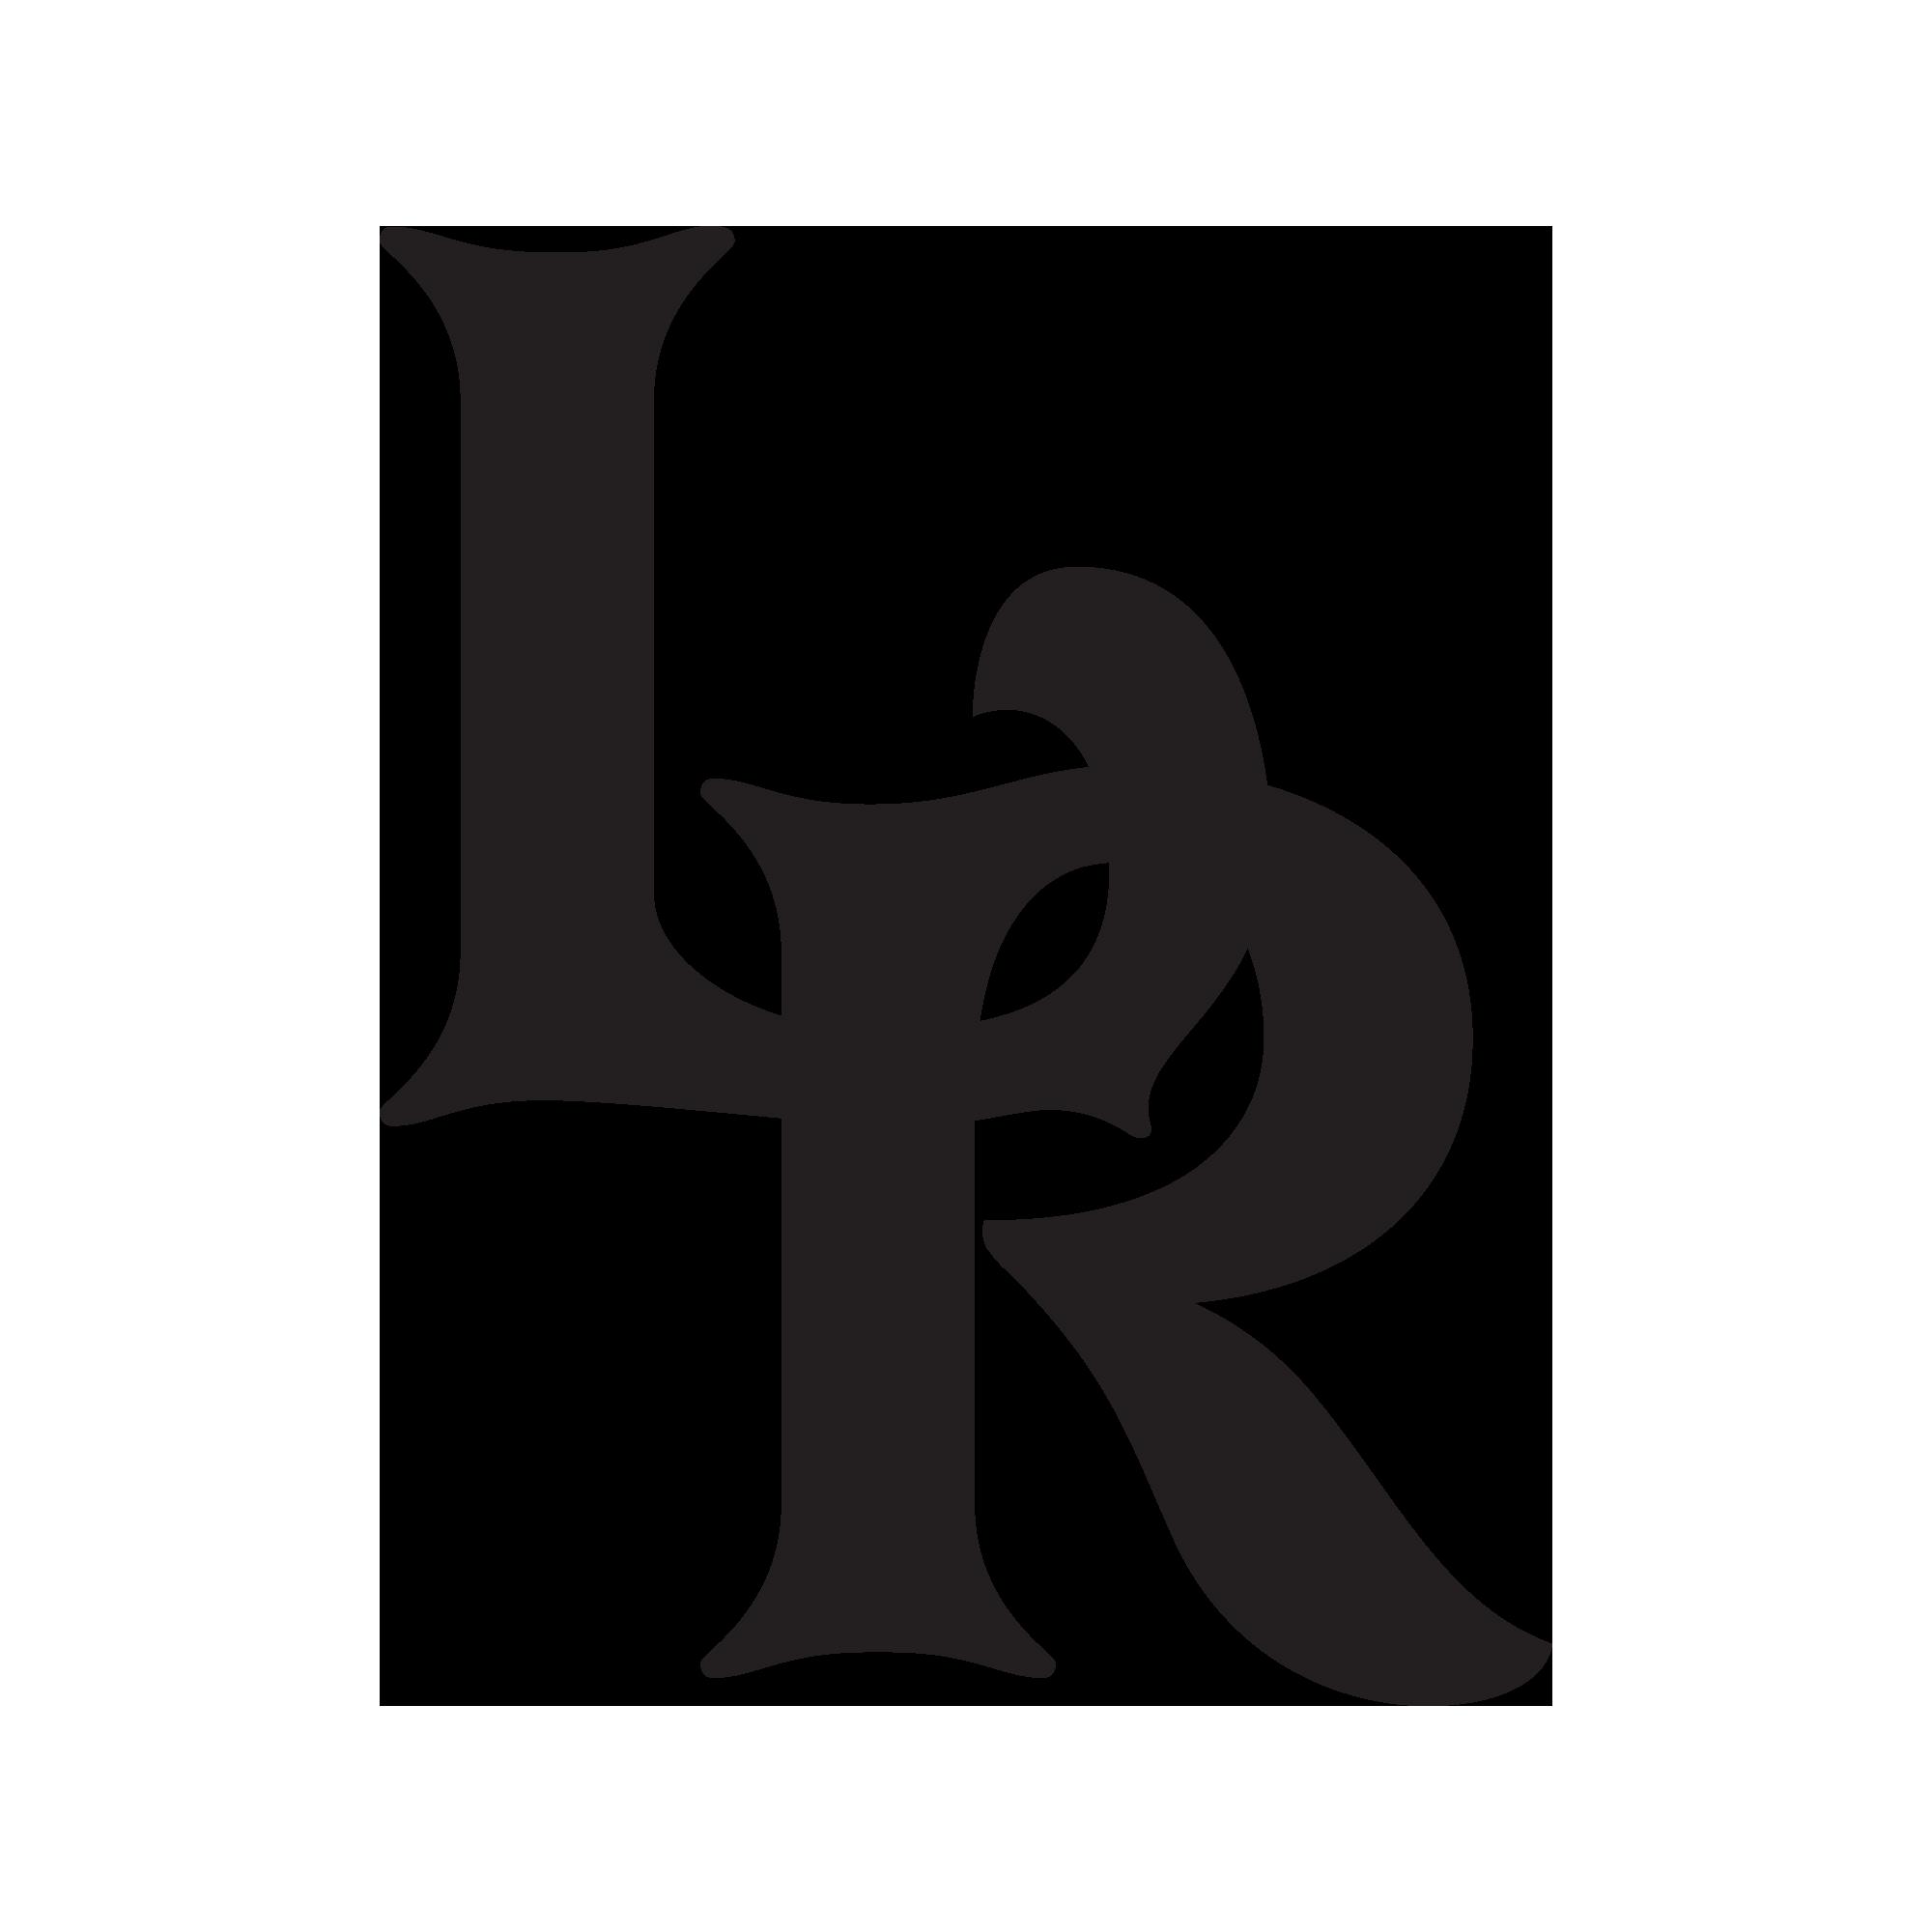 LRMONOG_2-01.png